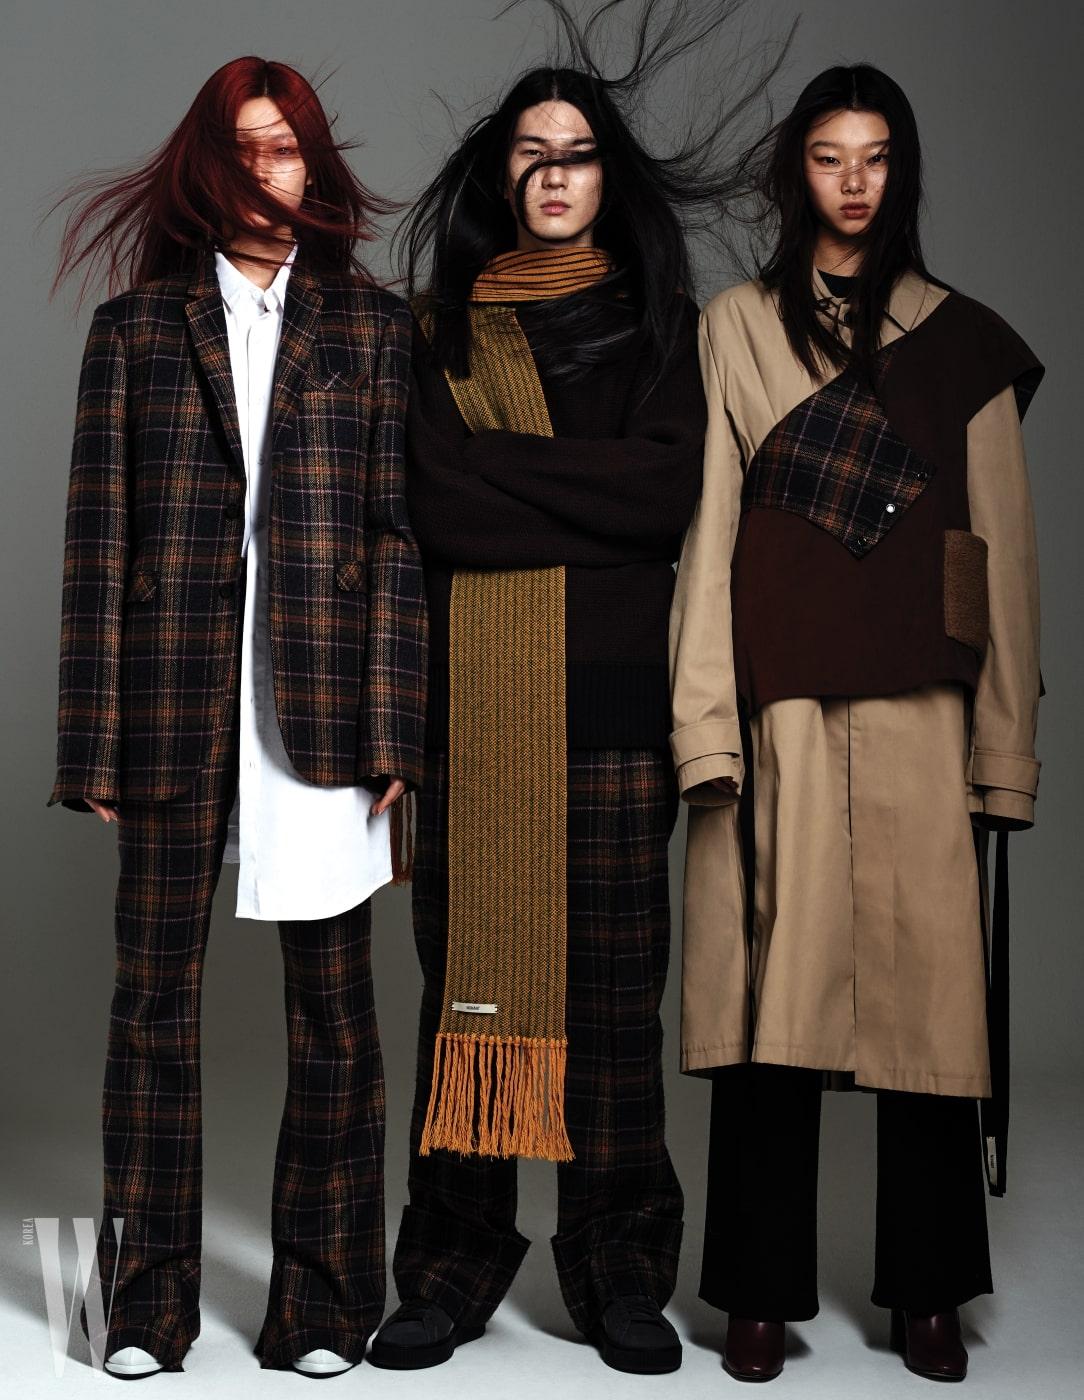 정호연이 입은 체크무늬 재킷과 팬츠, 안에 입은 오버사이즈 셔츠, 성하균이 입은 갈색 니트, 줄무늬 머플러, 체크무늬 팬츠, 배윤영이 입은 오버사이즈 트렌치코트, 갈색 베스트, 카키색 팬츠는 모두 Nohant 제품.